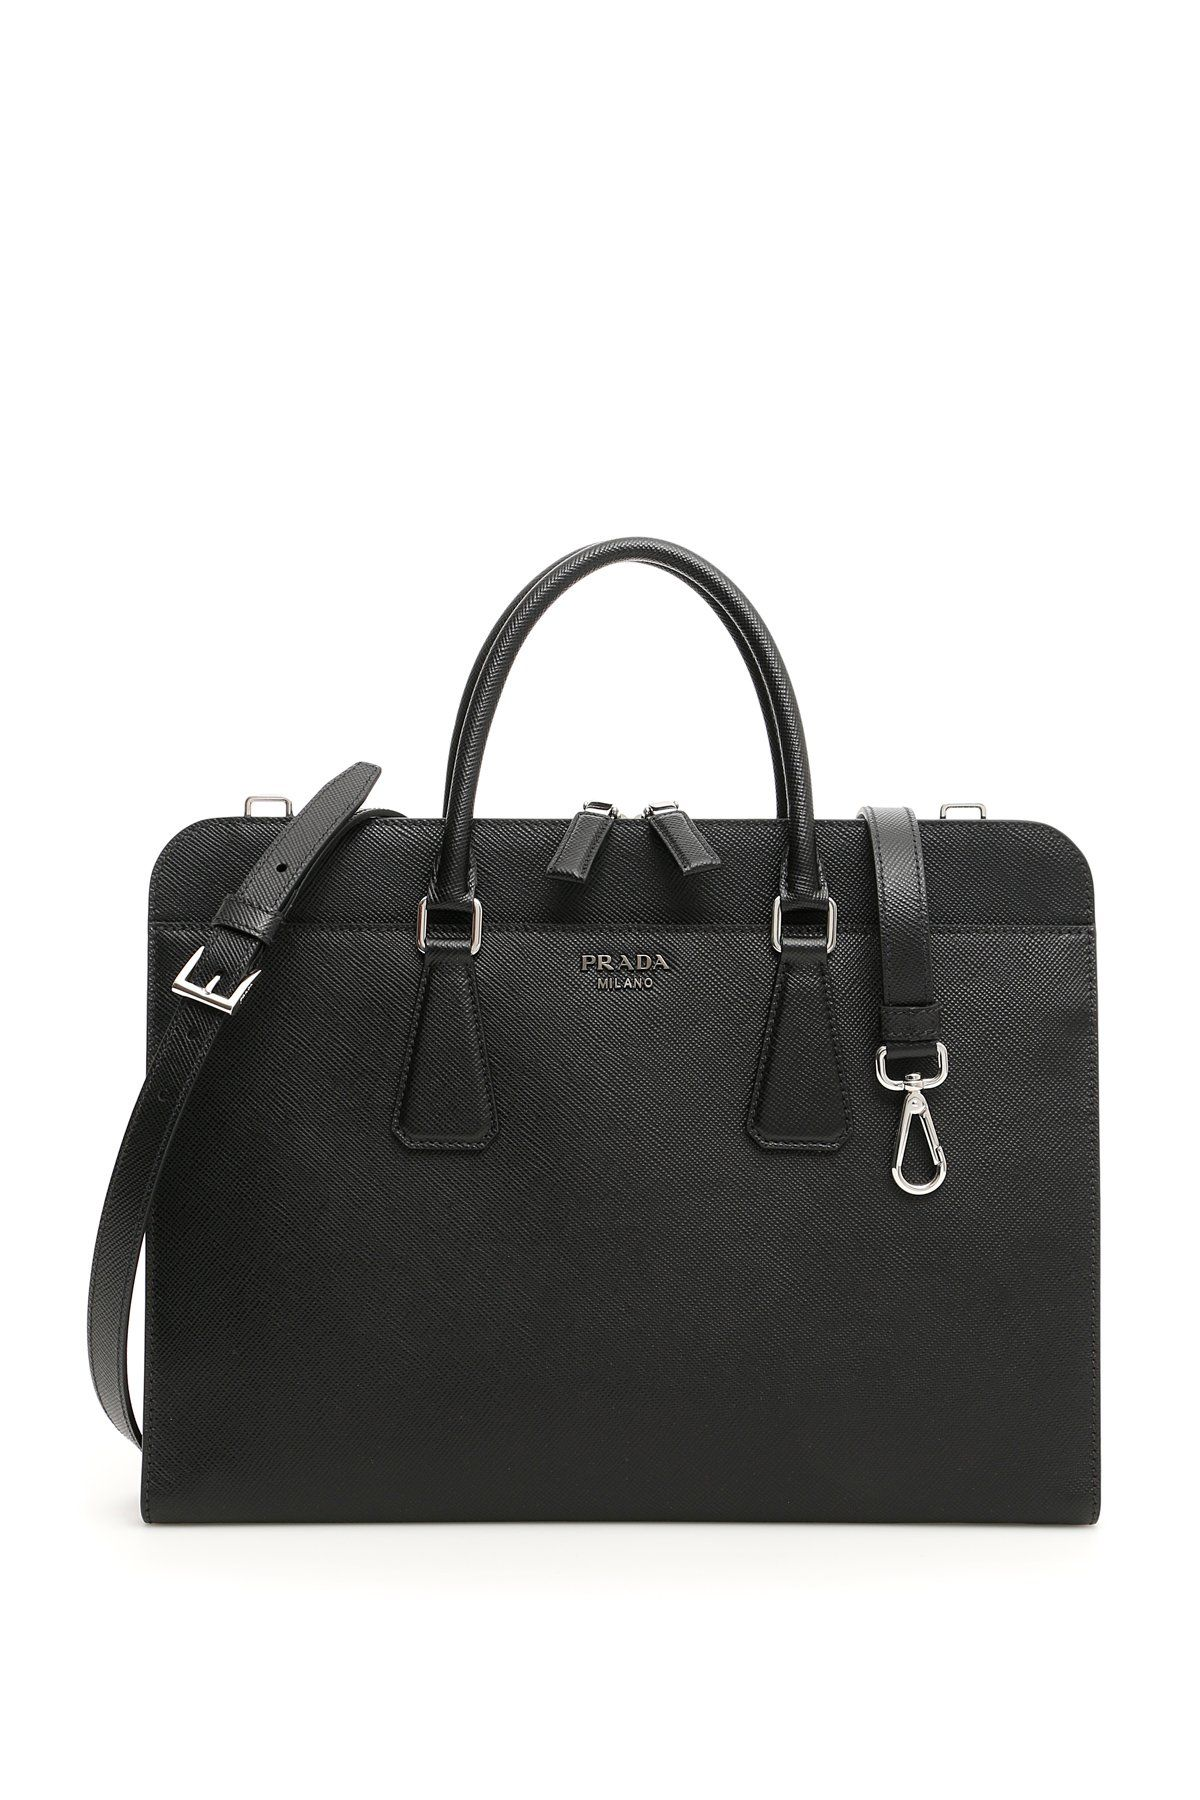 17fc3155fd3e PRADA PRADA SAFFIANO LAPTOP BAG.  prada  bags  shoulder bags  hand bags   leather